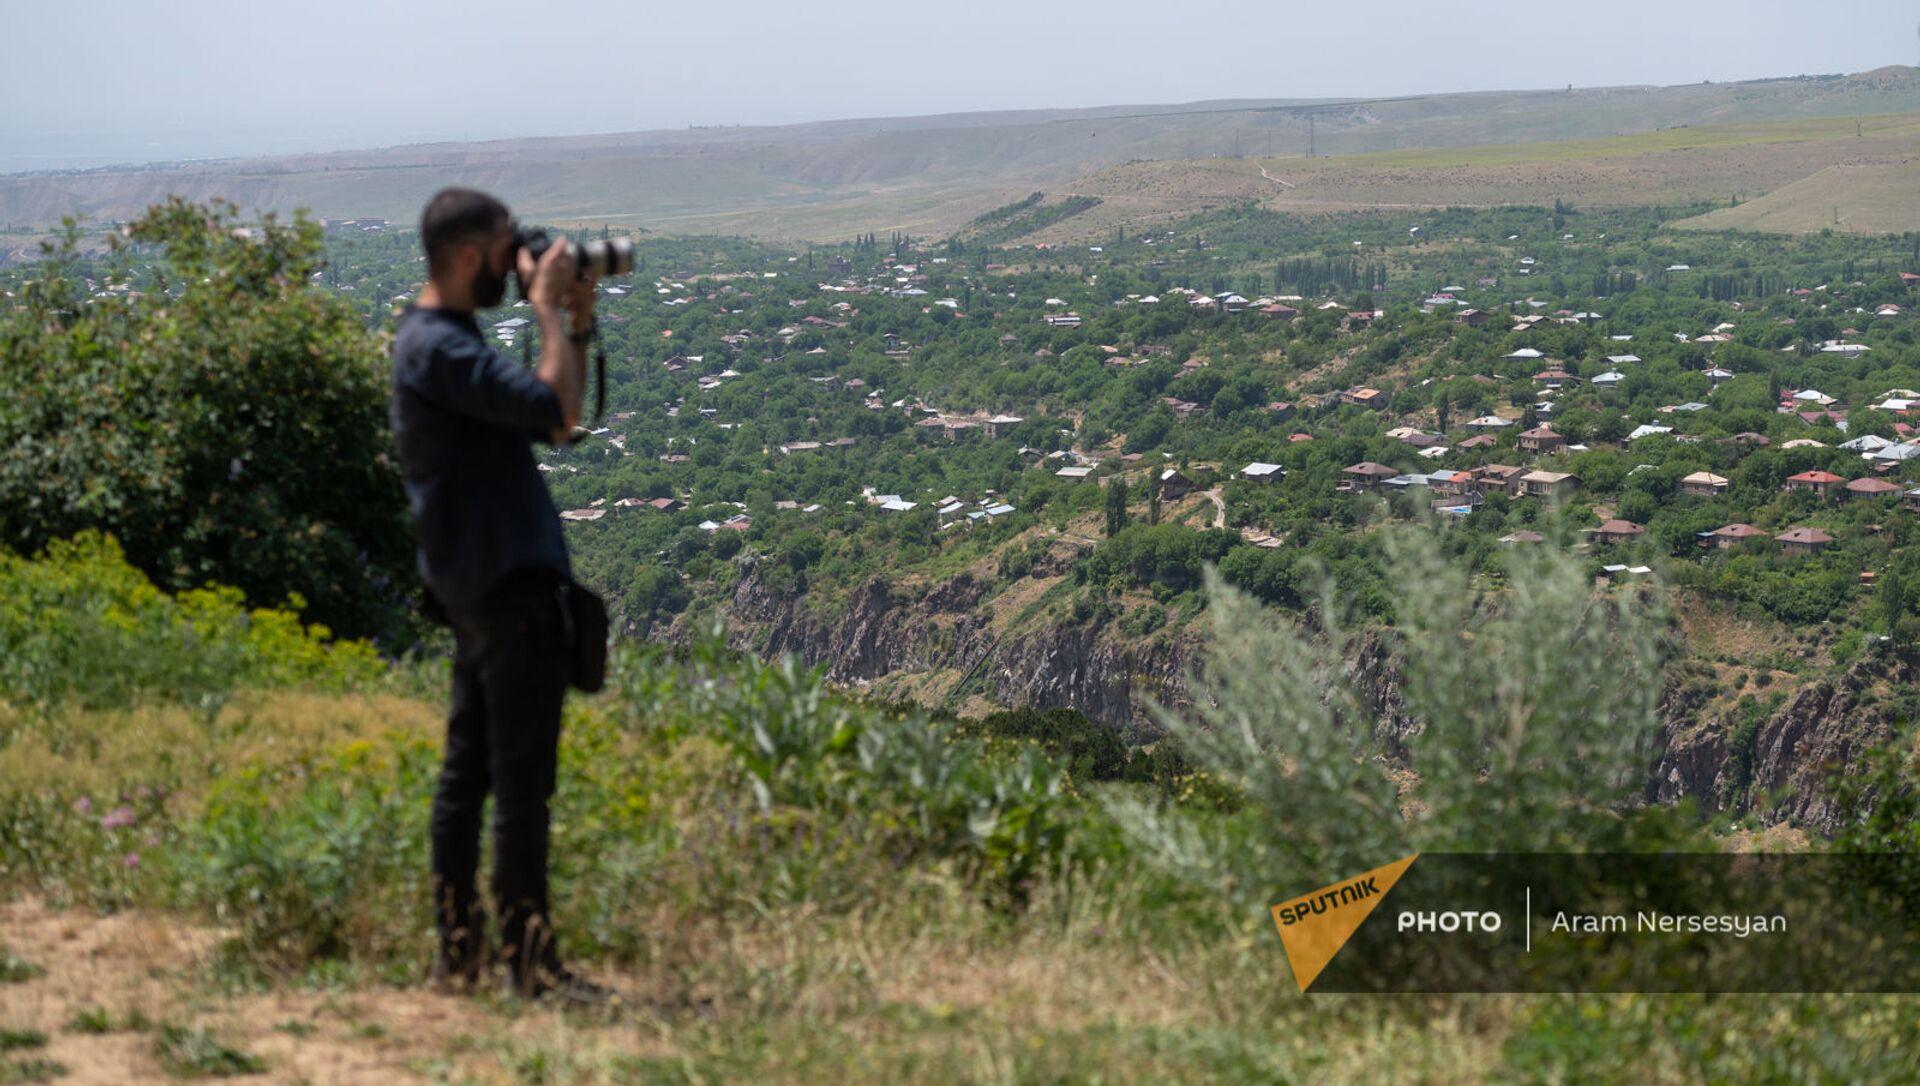 Фотограф Ваграм Багдасарян на пресс-туре во время презентации новых эко-туристических маршрутов в Хосровском заповеднике - Sputnik Արմենիա, 1920, 03.06.2021